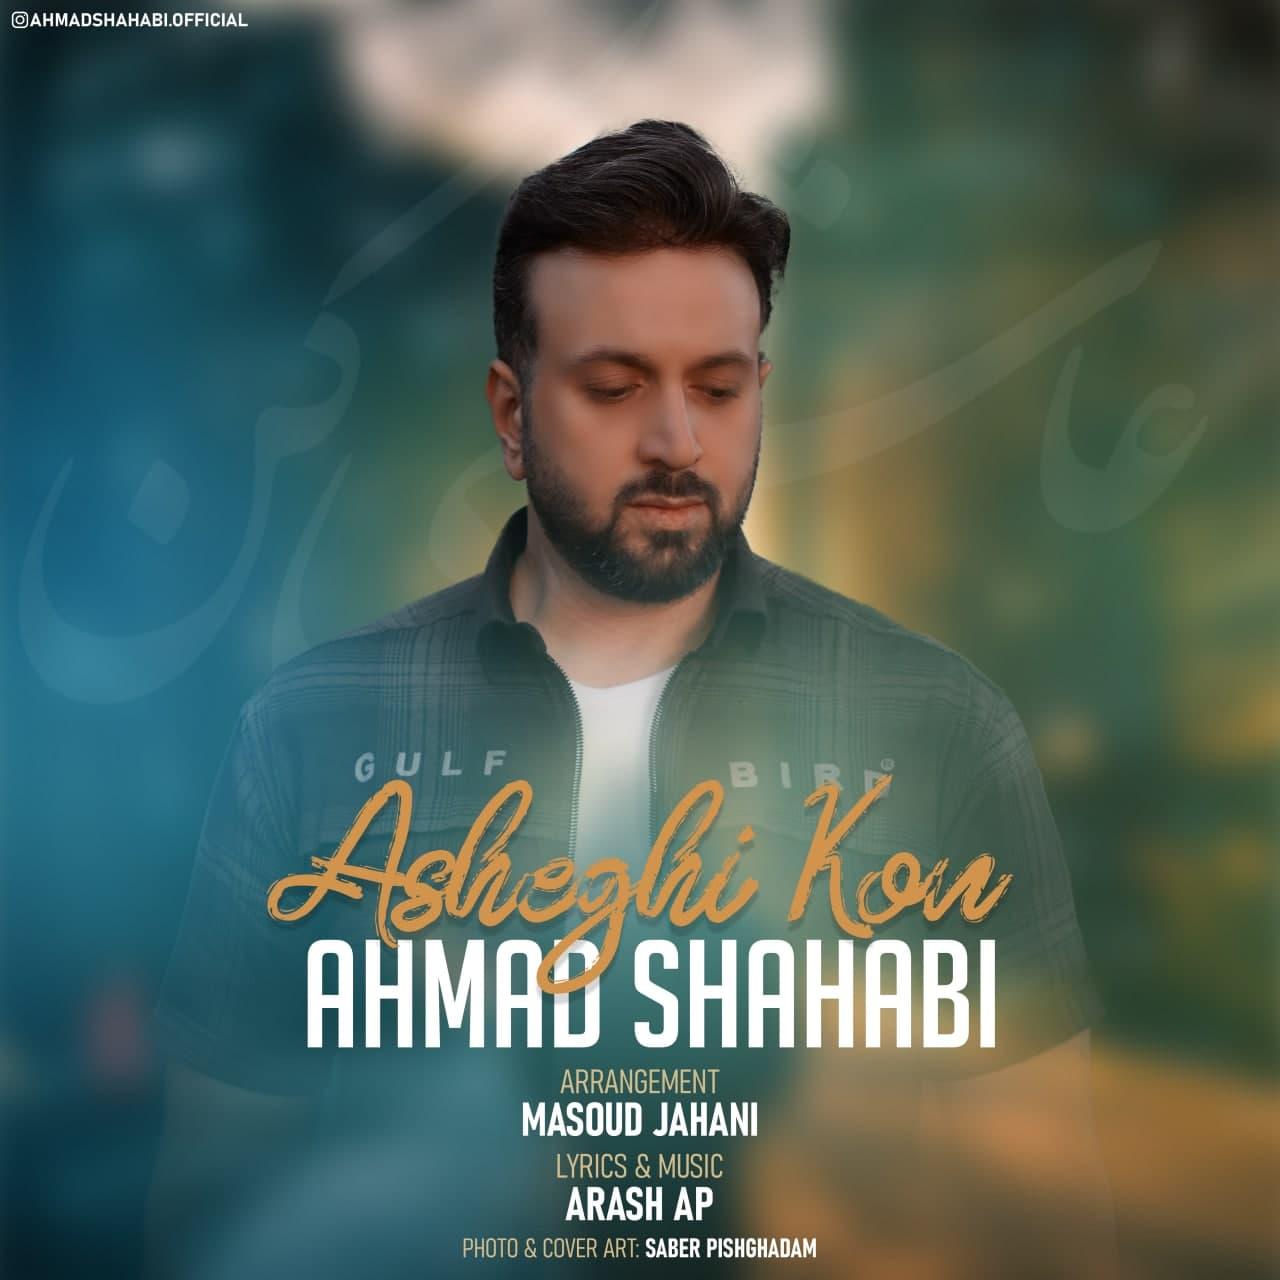 دانلود آهنگ عاشقی کن از احمد شهابی